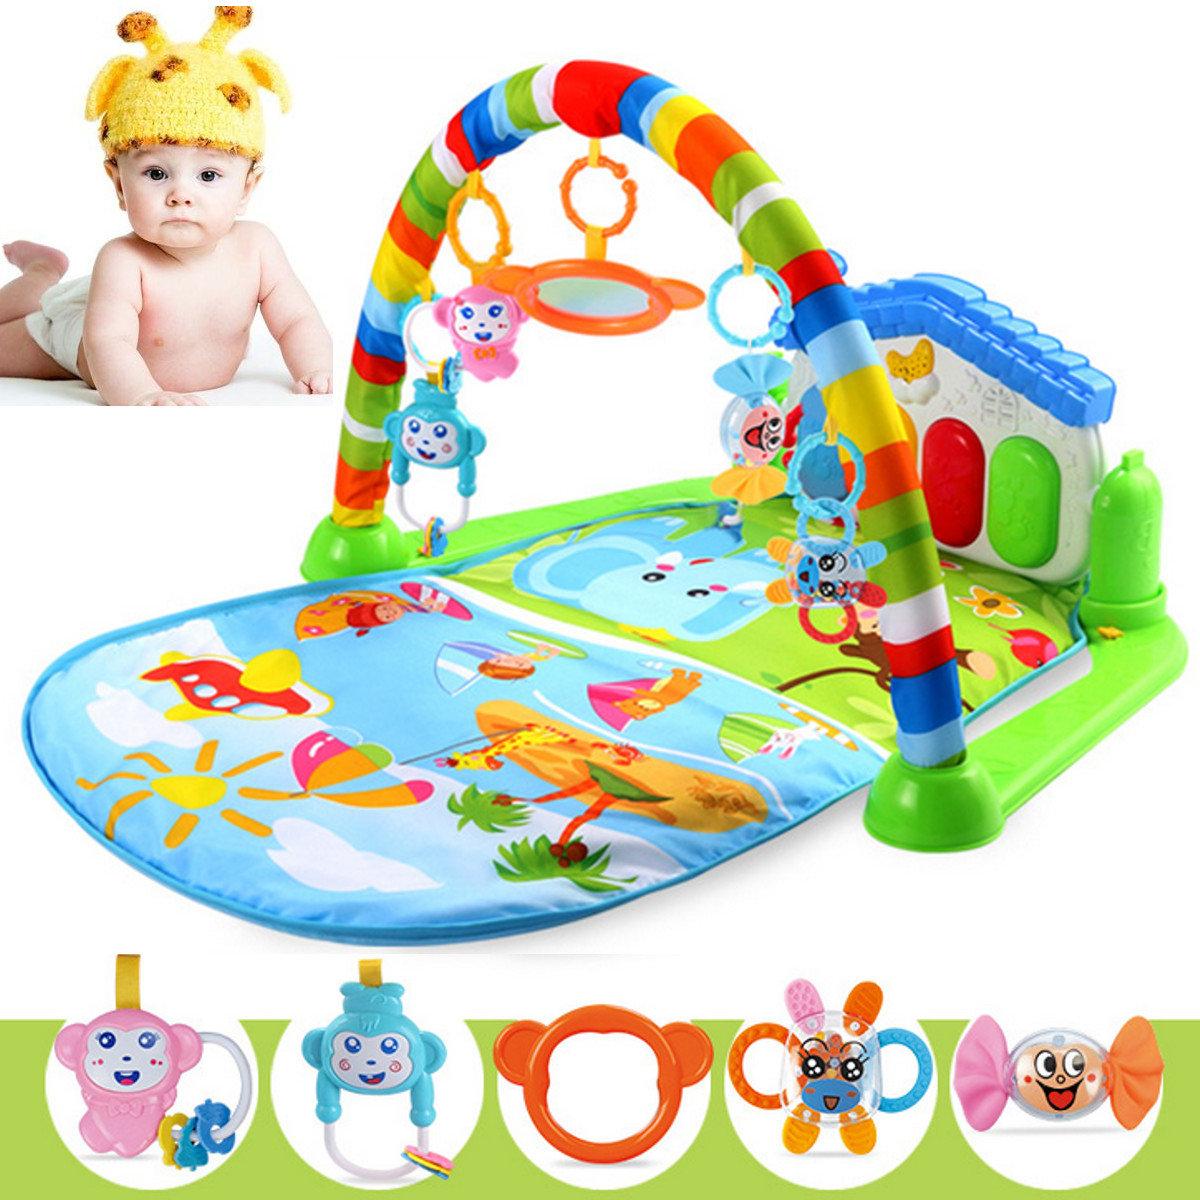 Tapis De Jeu Multifonction Pour Bébé 3 En 1 destiné Jeux Gratuit Pour Bebe